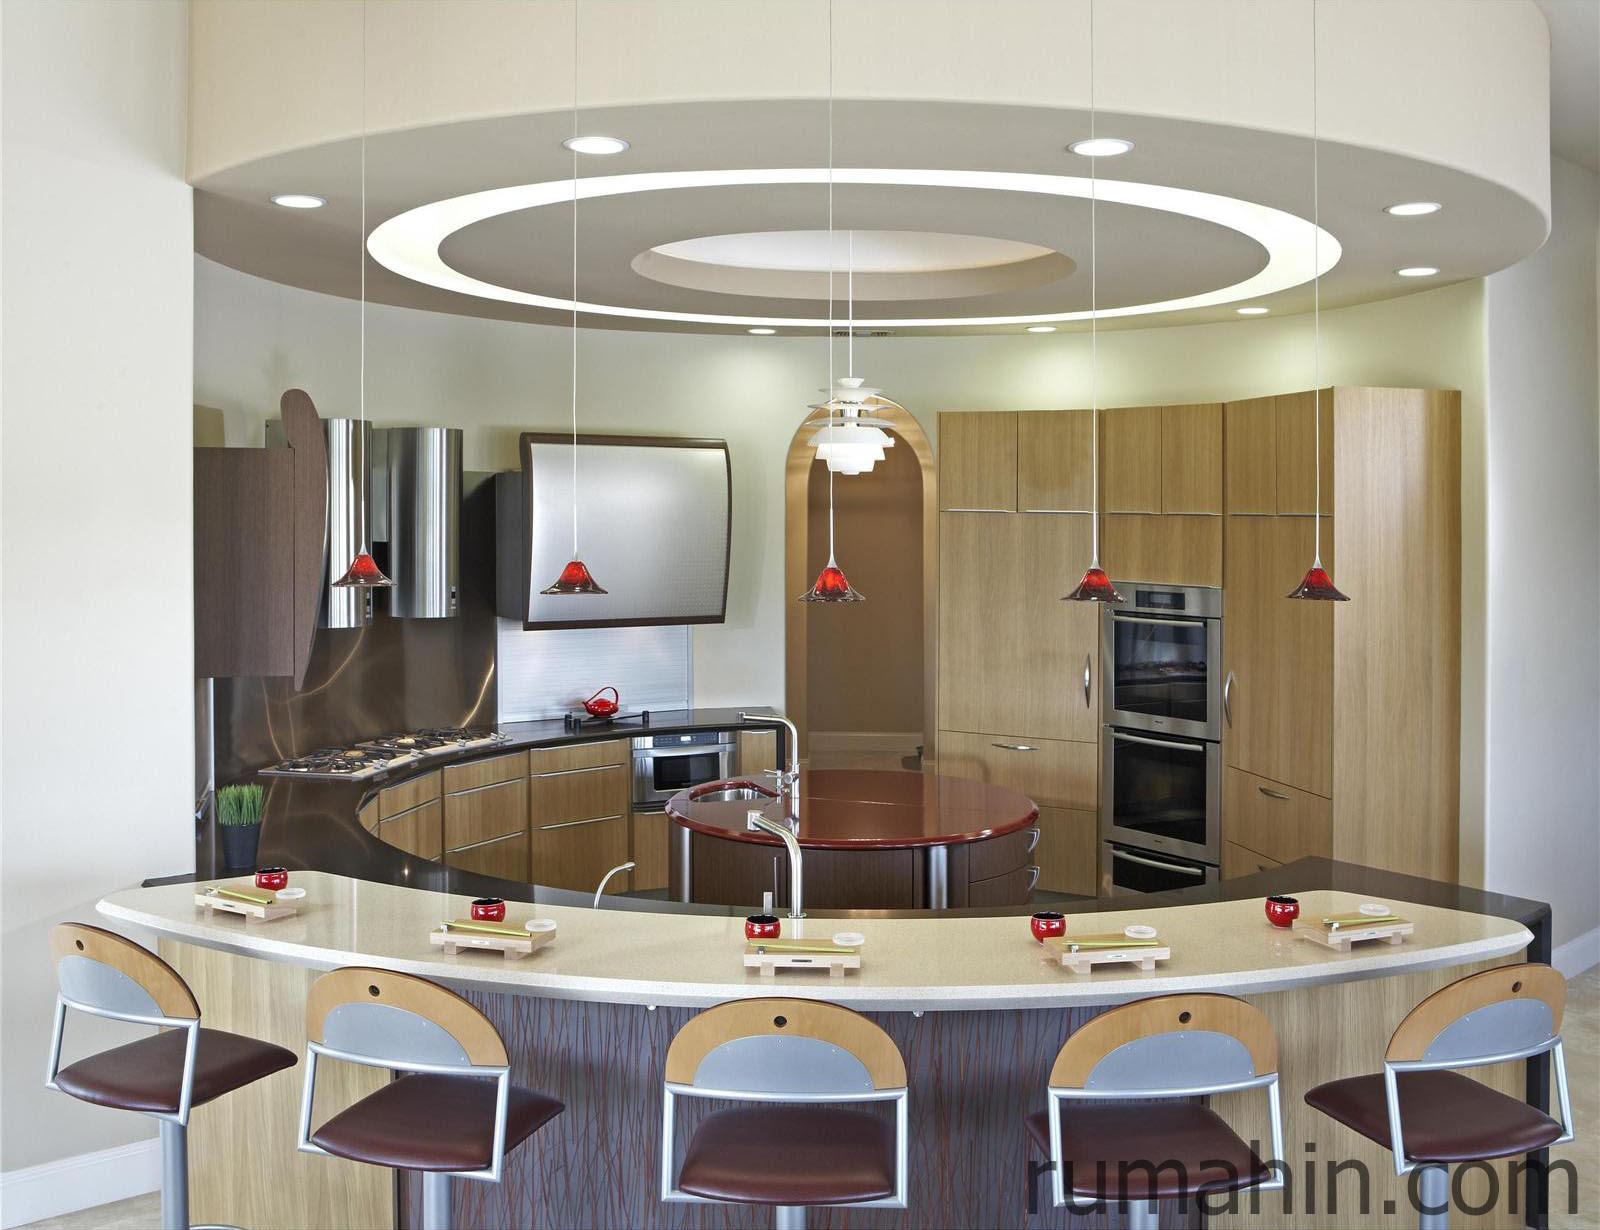 Desain Dapur Unik Modern Seperti Cafe Cozy Rumahin